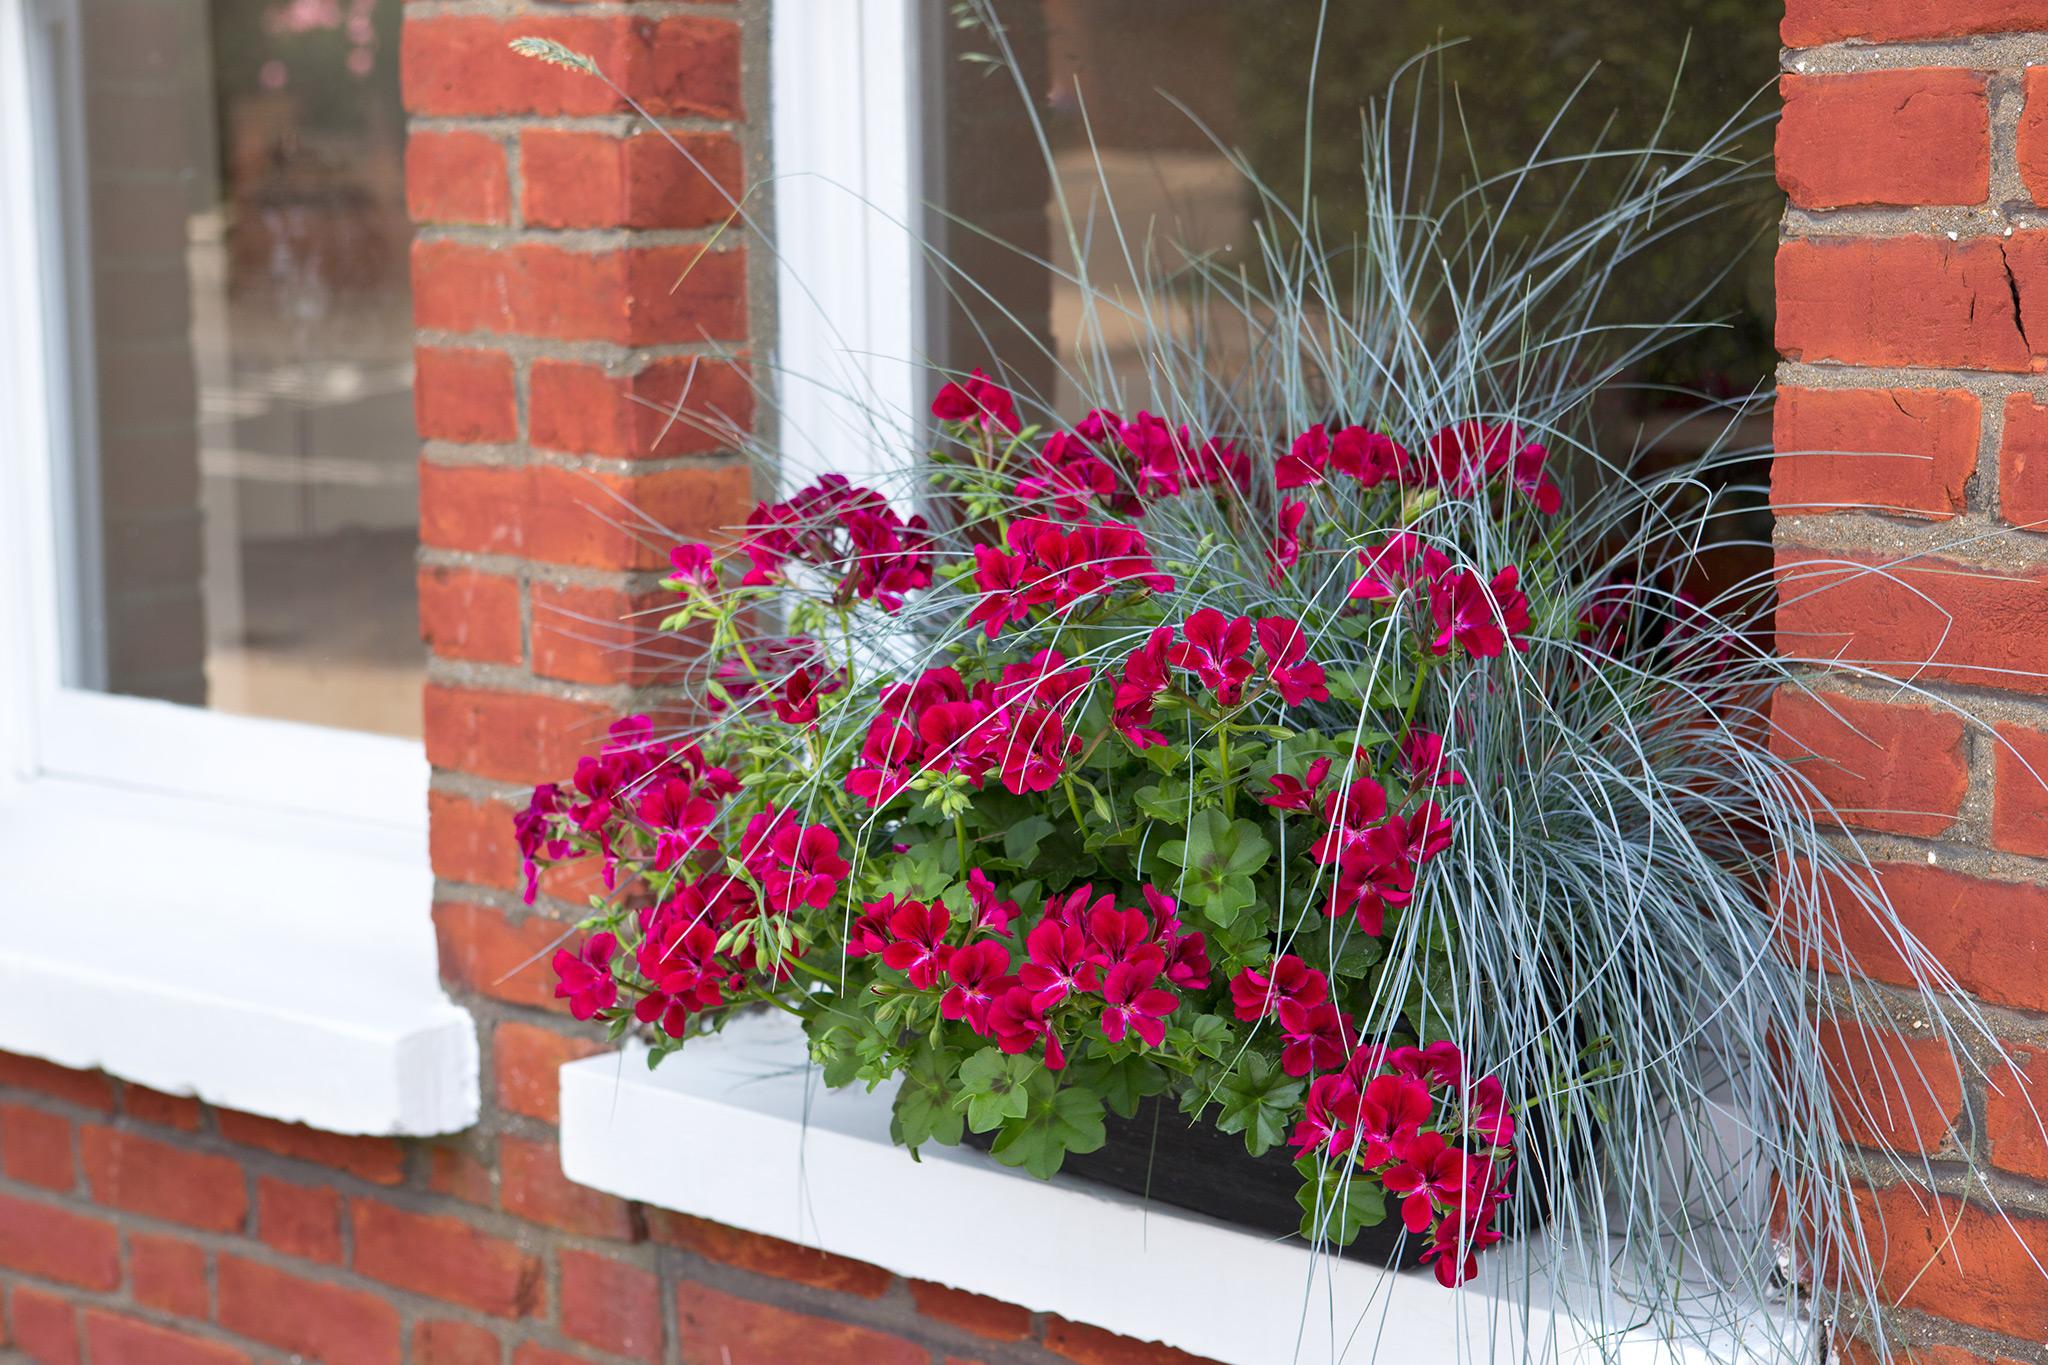 pelargonium-and-festuca-window-box-2